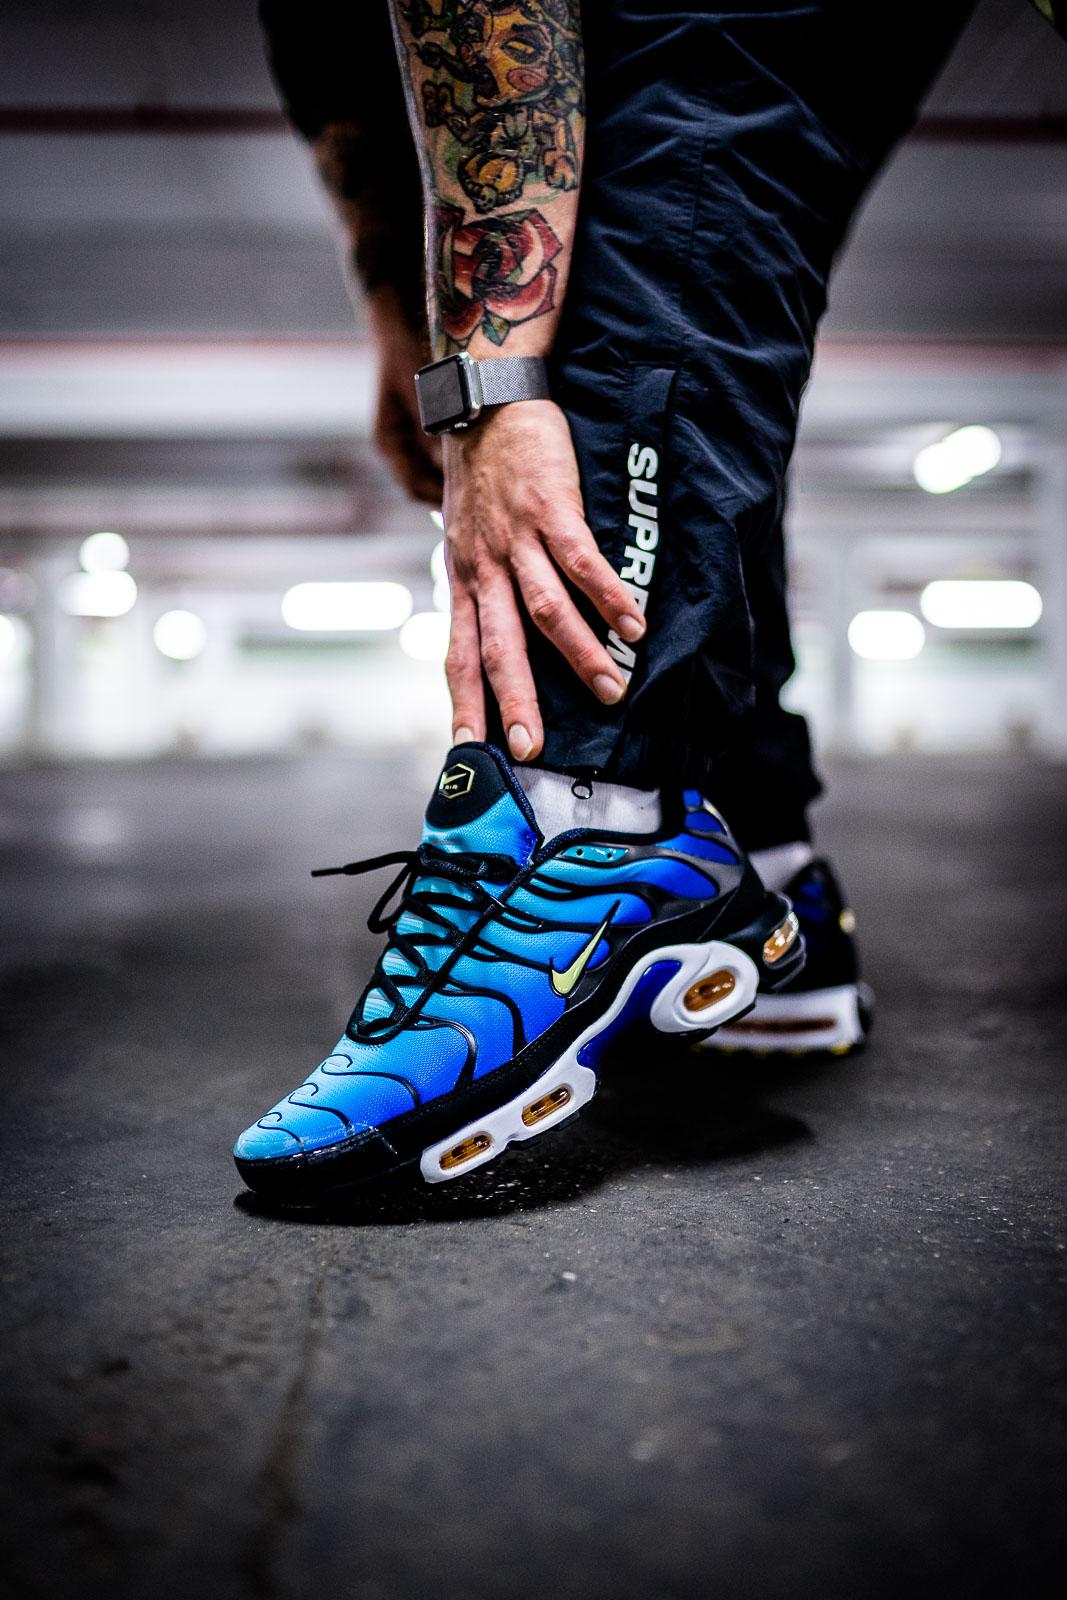 Nike Air Max TN OG - on feet | Dead Stock Sneakerblog